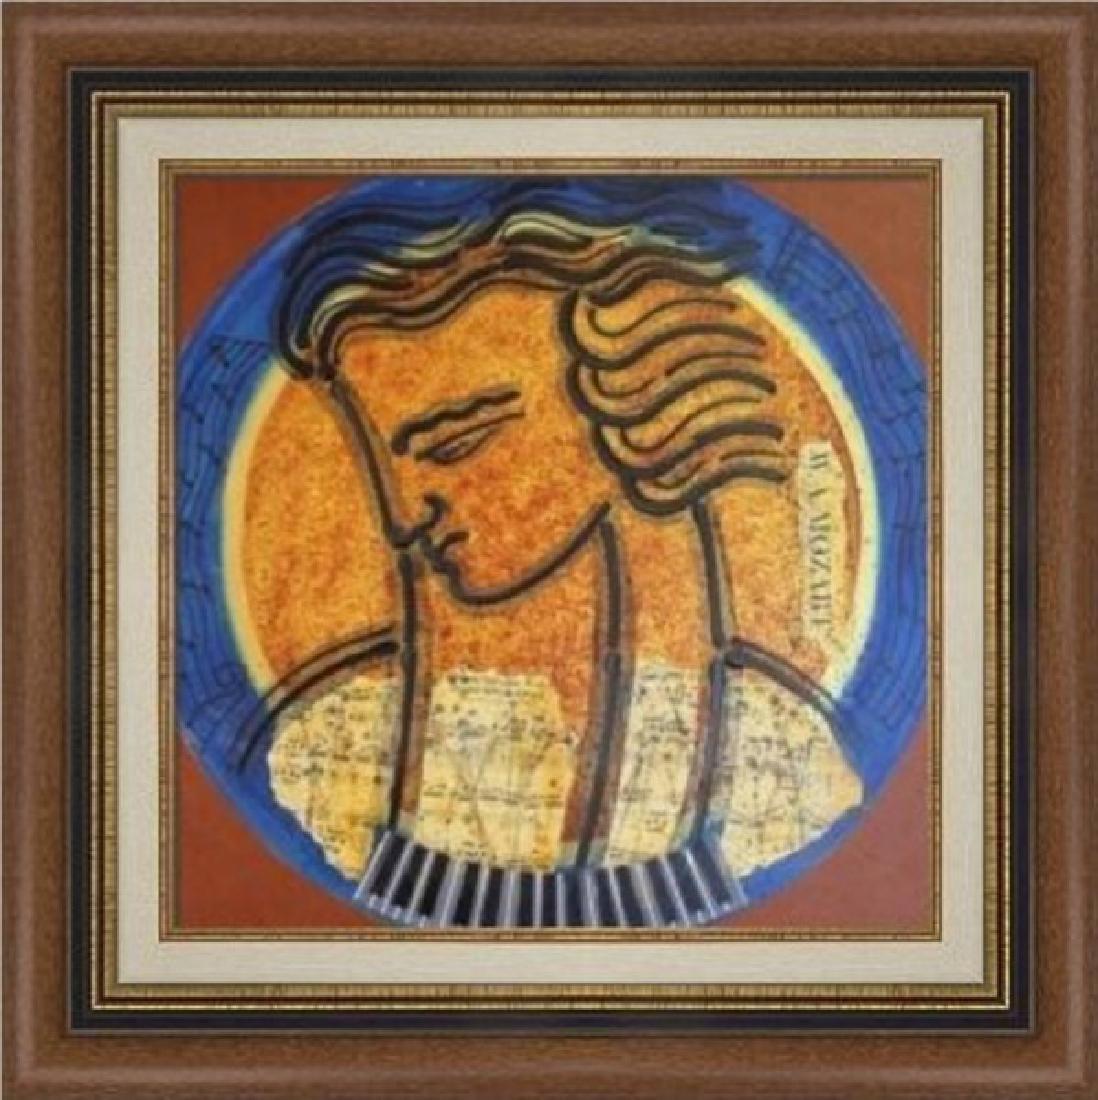 Mozart - Original Acrylic by Gaylord